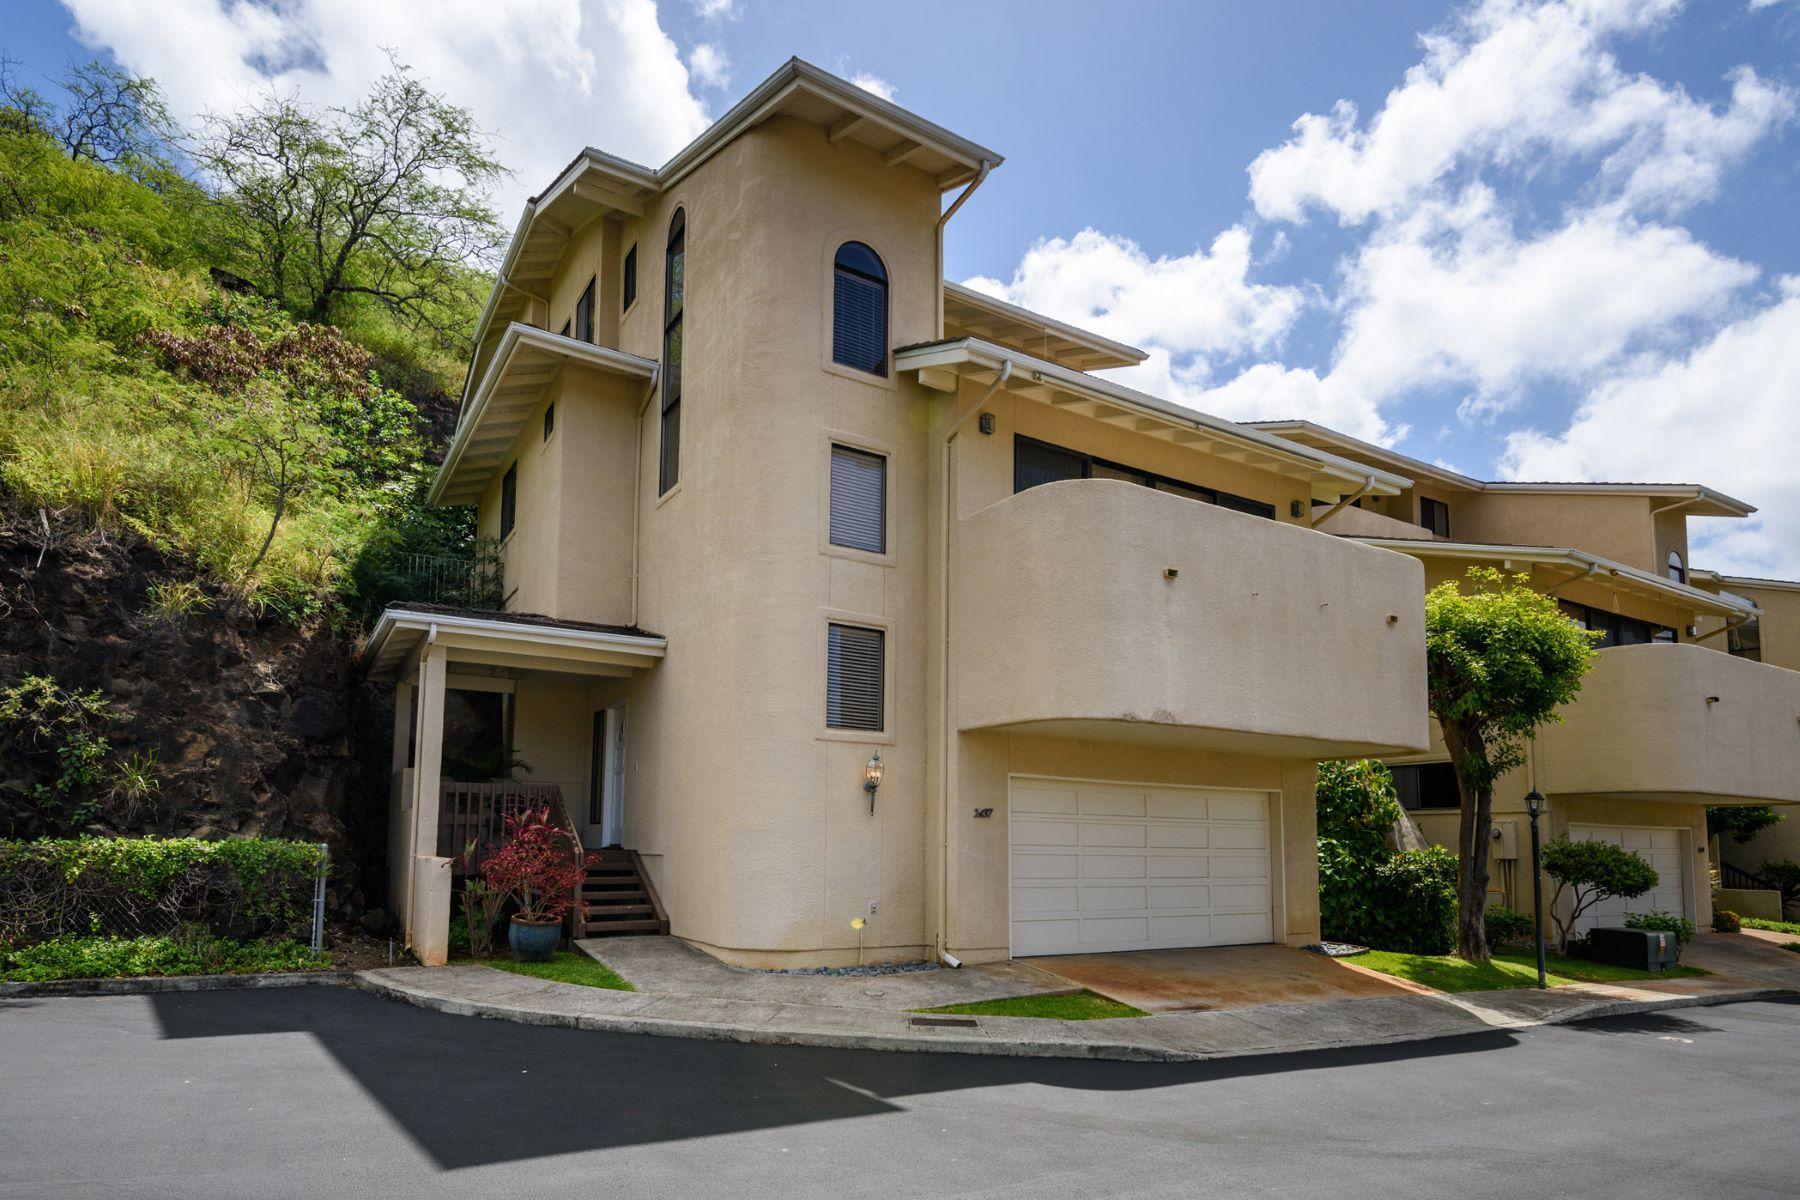 一戸建て のために 売買 アット Exclusive Kalani Iki Hideaway 1437 Hoakoa Place #10 Kalani Iki, Honolulu, ハワイ, 96821 アメリカ合衆国